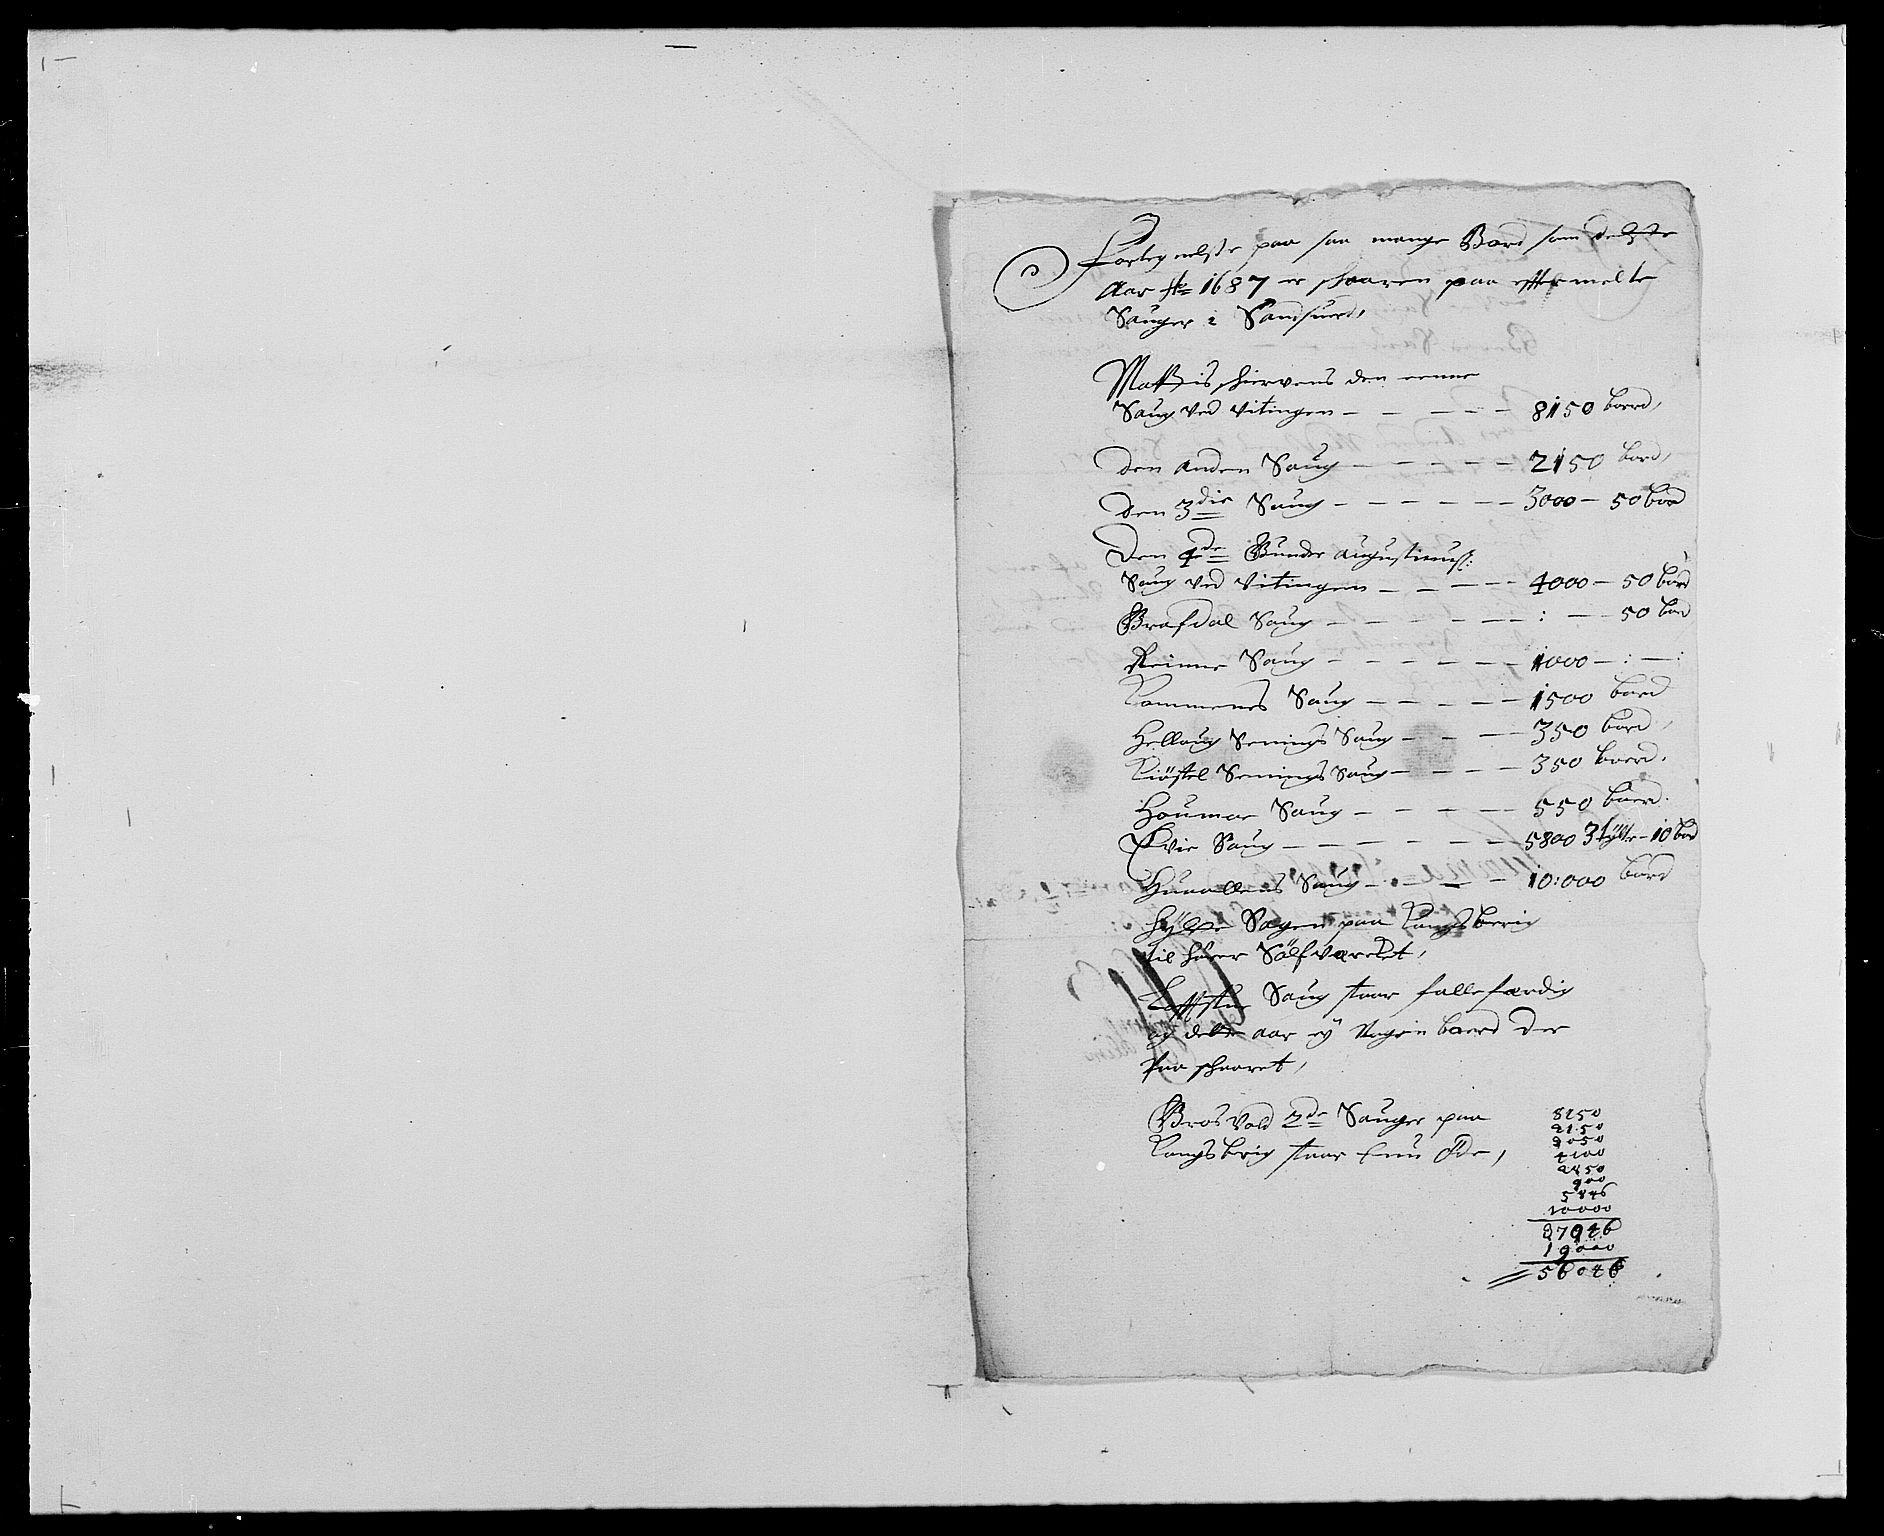 RA, Rentekammeret inntil 1814, Reviderte regnskaper, Fogderegnskap, R24/L1573: Fogderegnskap Numedal og Sandsvær, 1687-1691, s. 170